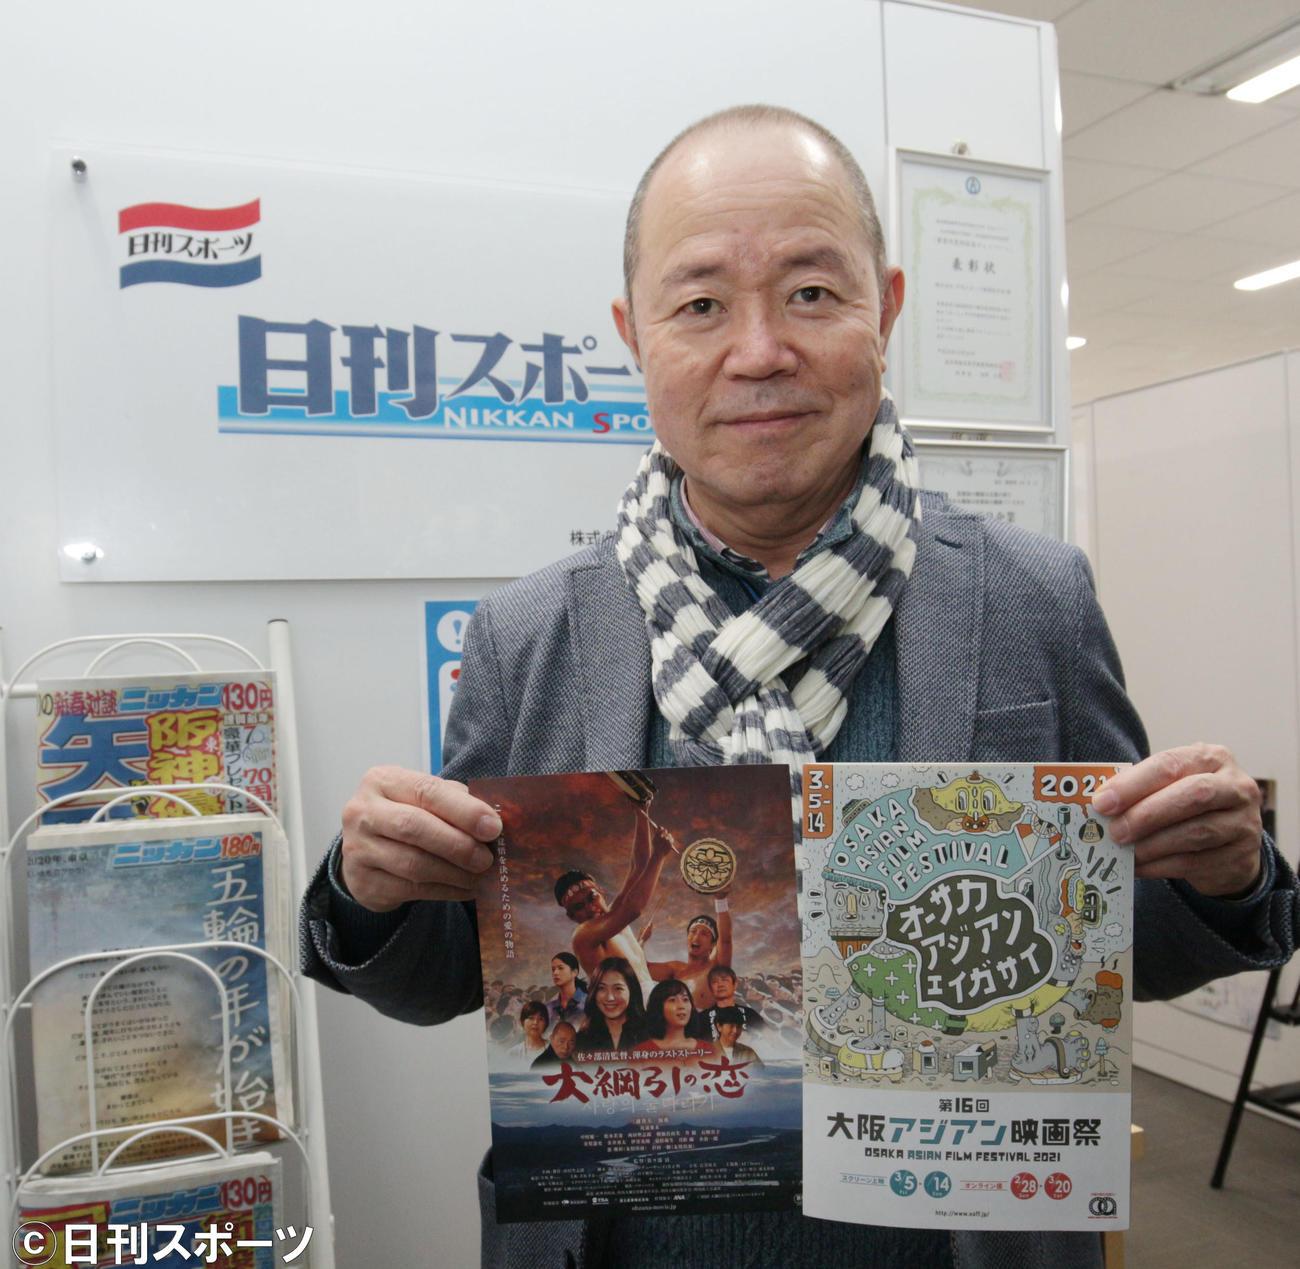 日刊スポーツを訪れ、大阪アジアン映画祭で上映される「大綱引の恋」をPRする西田聖志郎(撮影・黒河謙一)